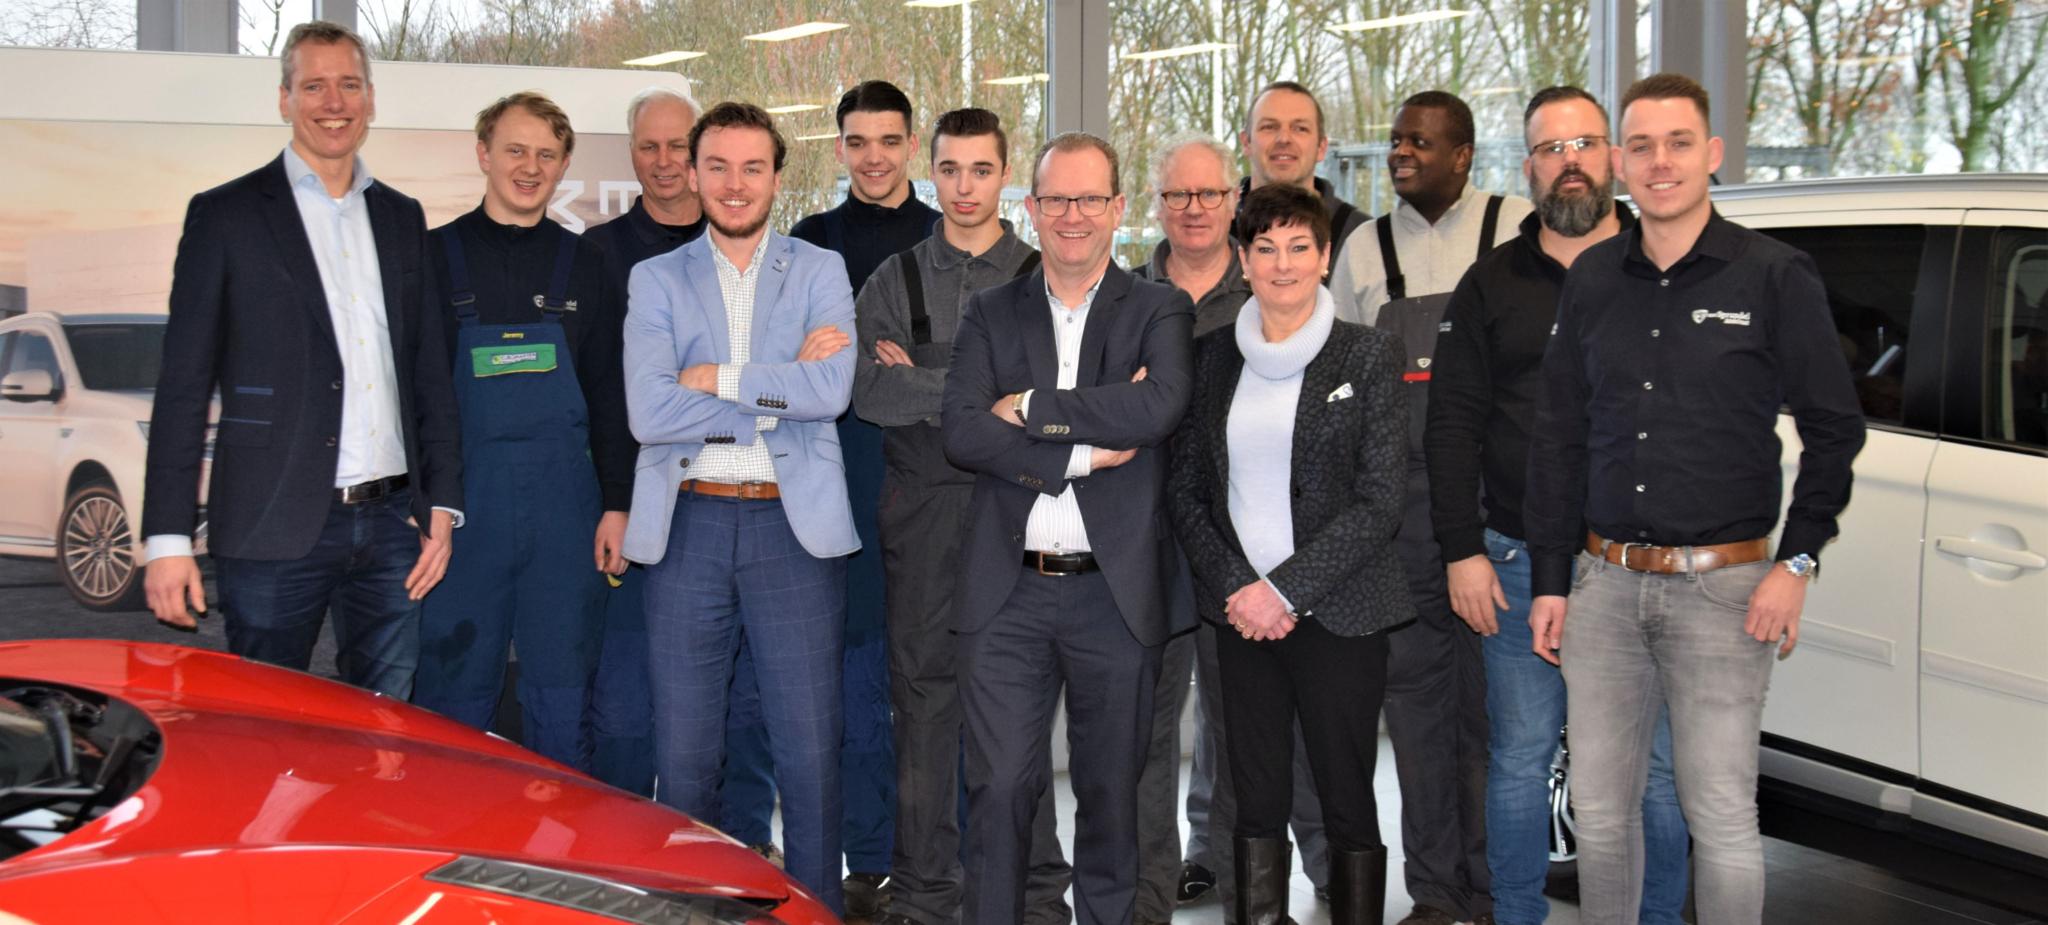 team van Sprundel Roosendaal